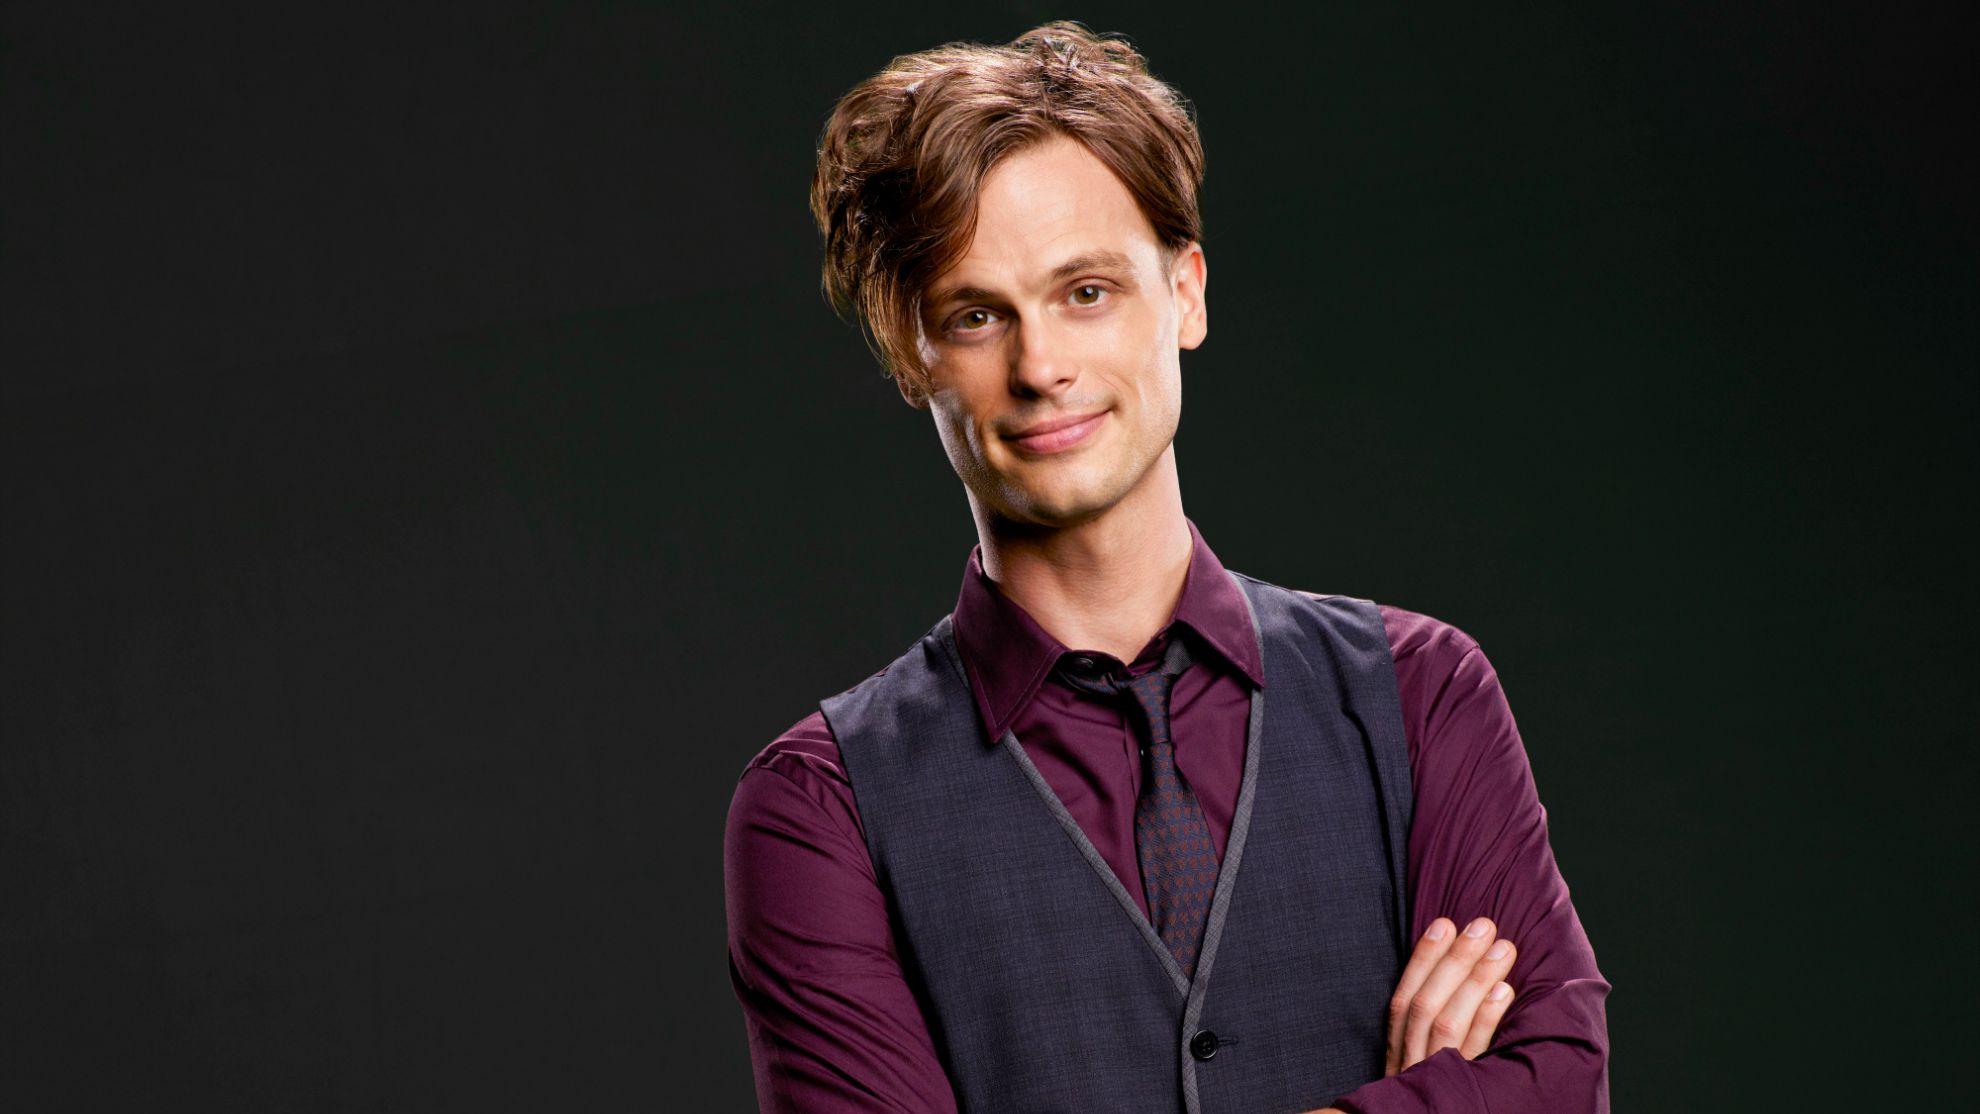 Dr. Spencer Reid on Criminal Minds